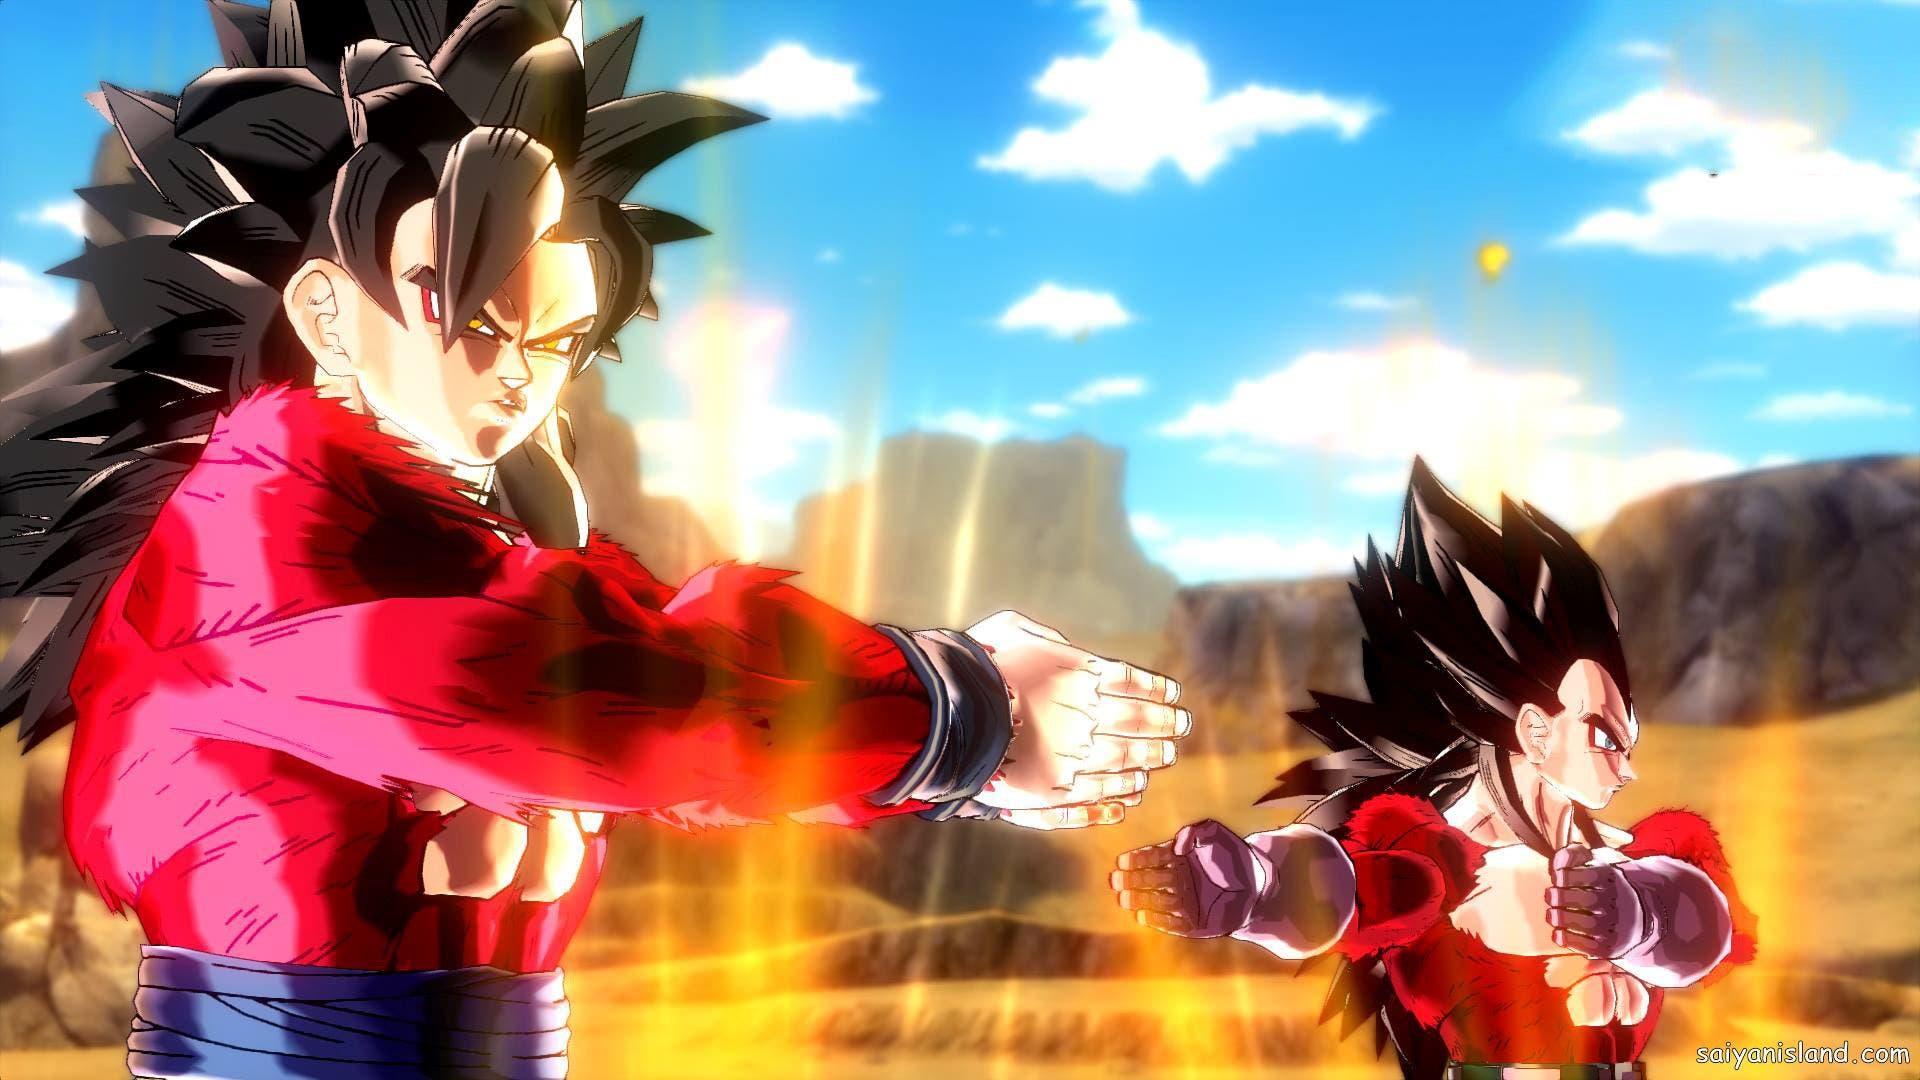 Dragon Ball Xenoverse alcanza cifras millonarias de ventas 2